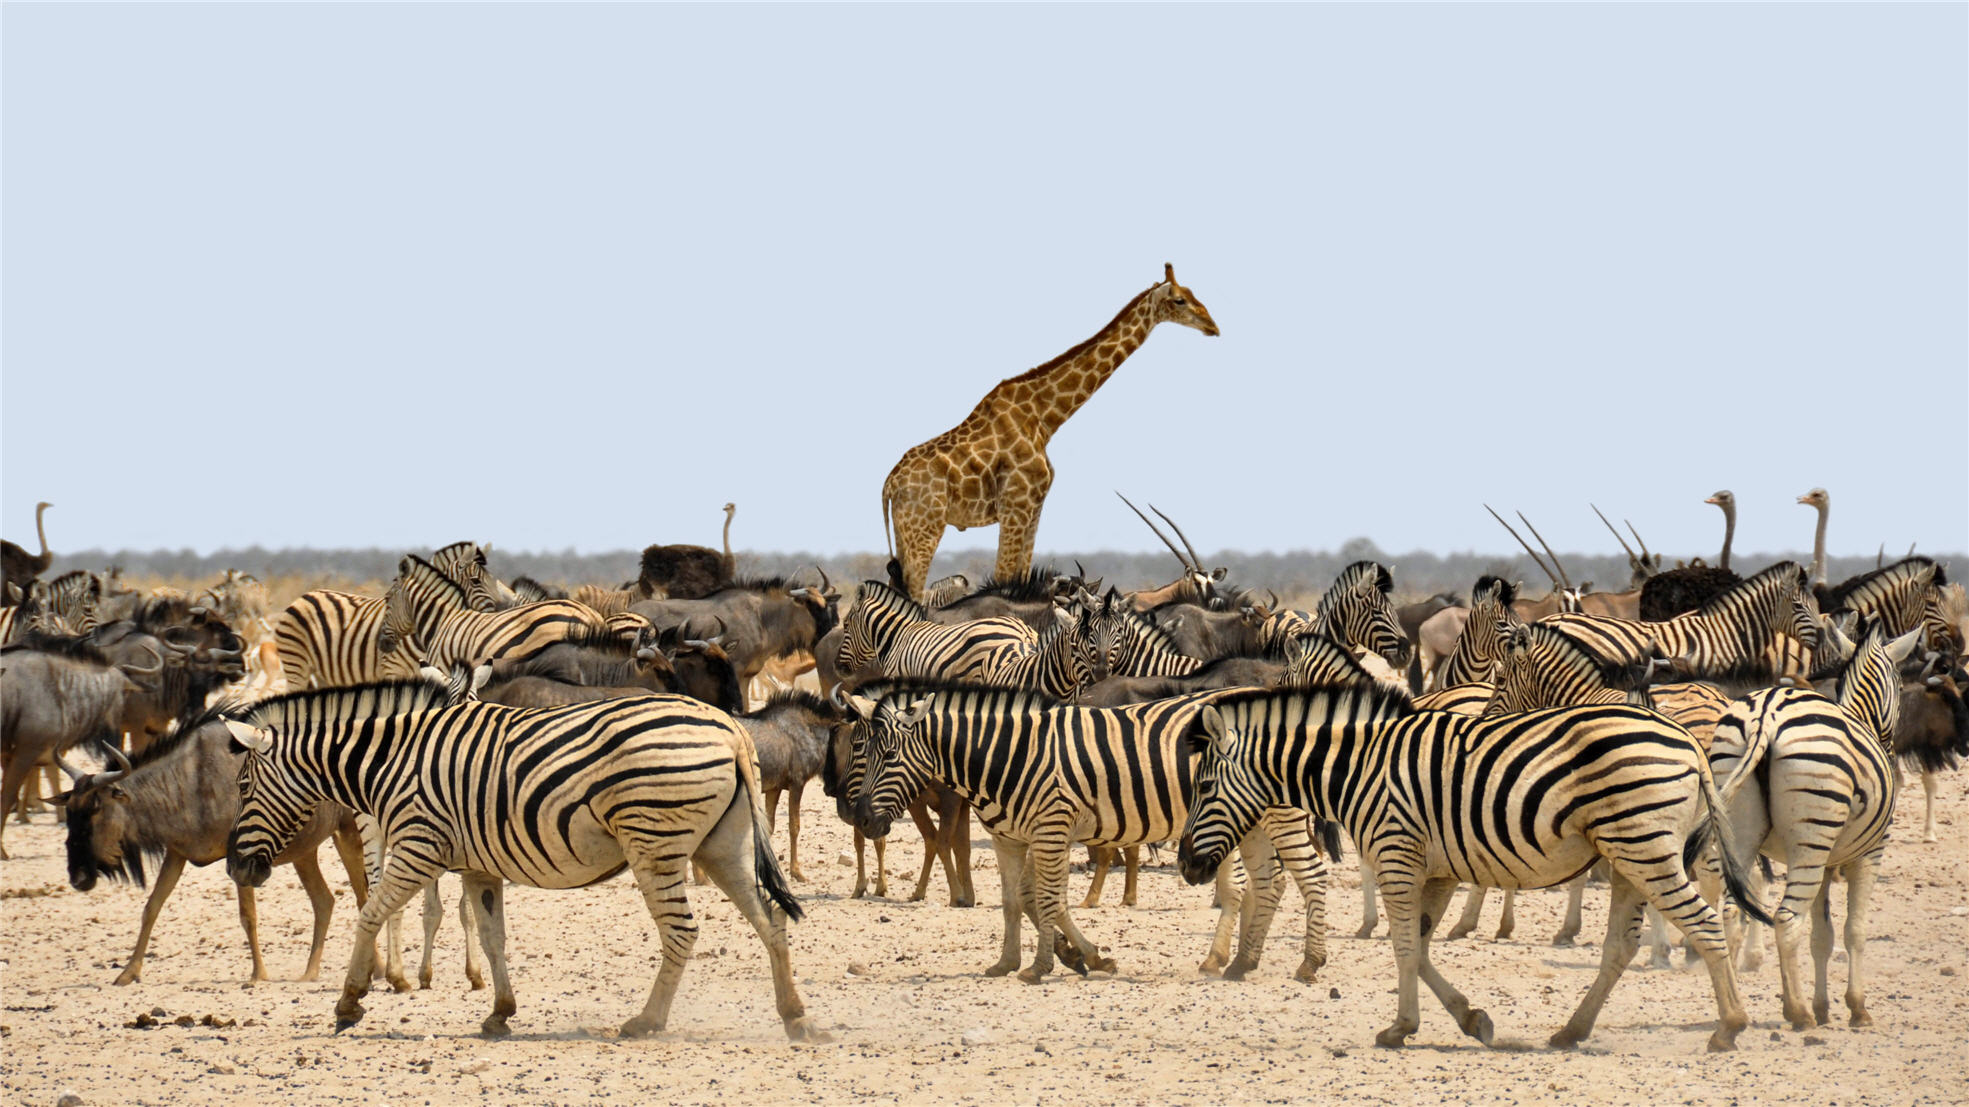 zebras, giraffe